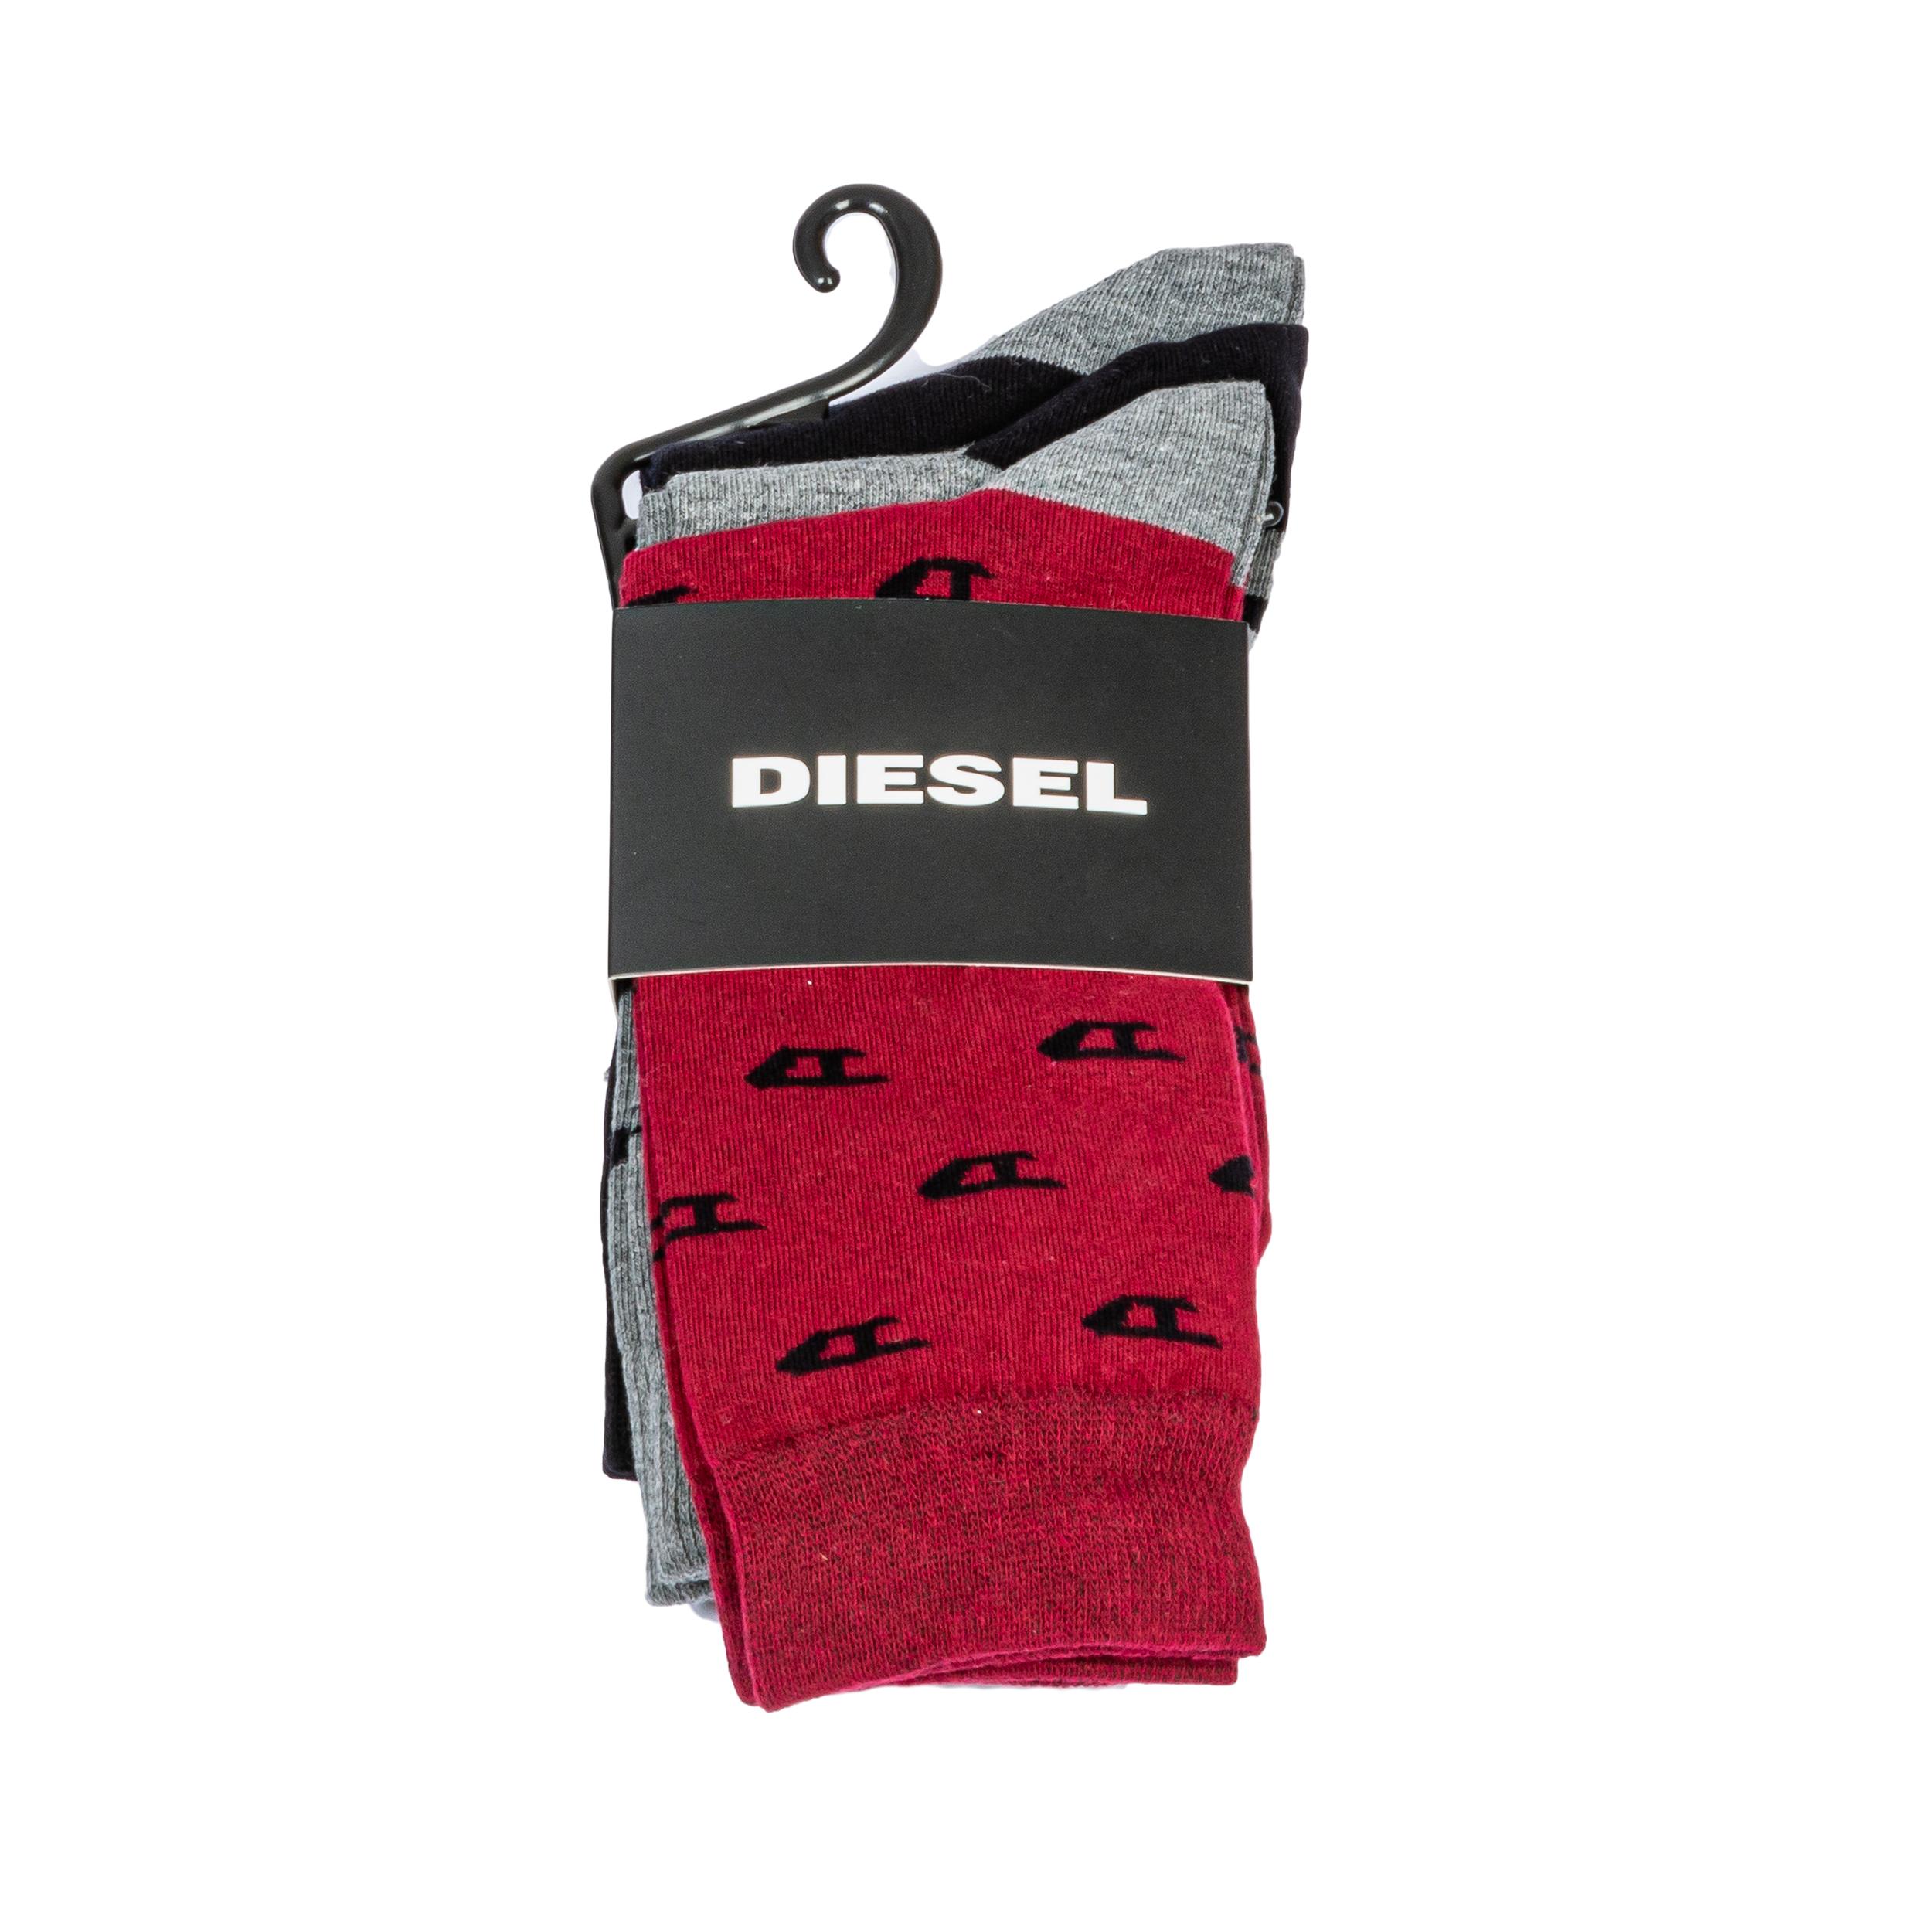 Lot de 3 paires de chaussettes diesel ray en coton mélangé bordeaux, grises et noires